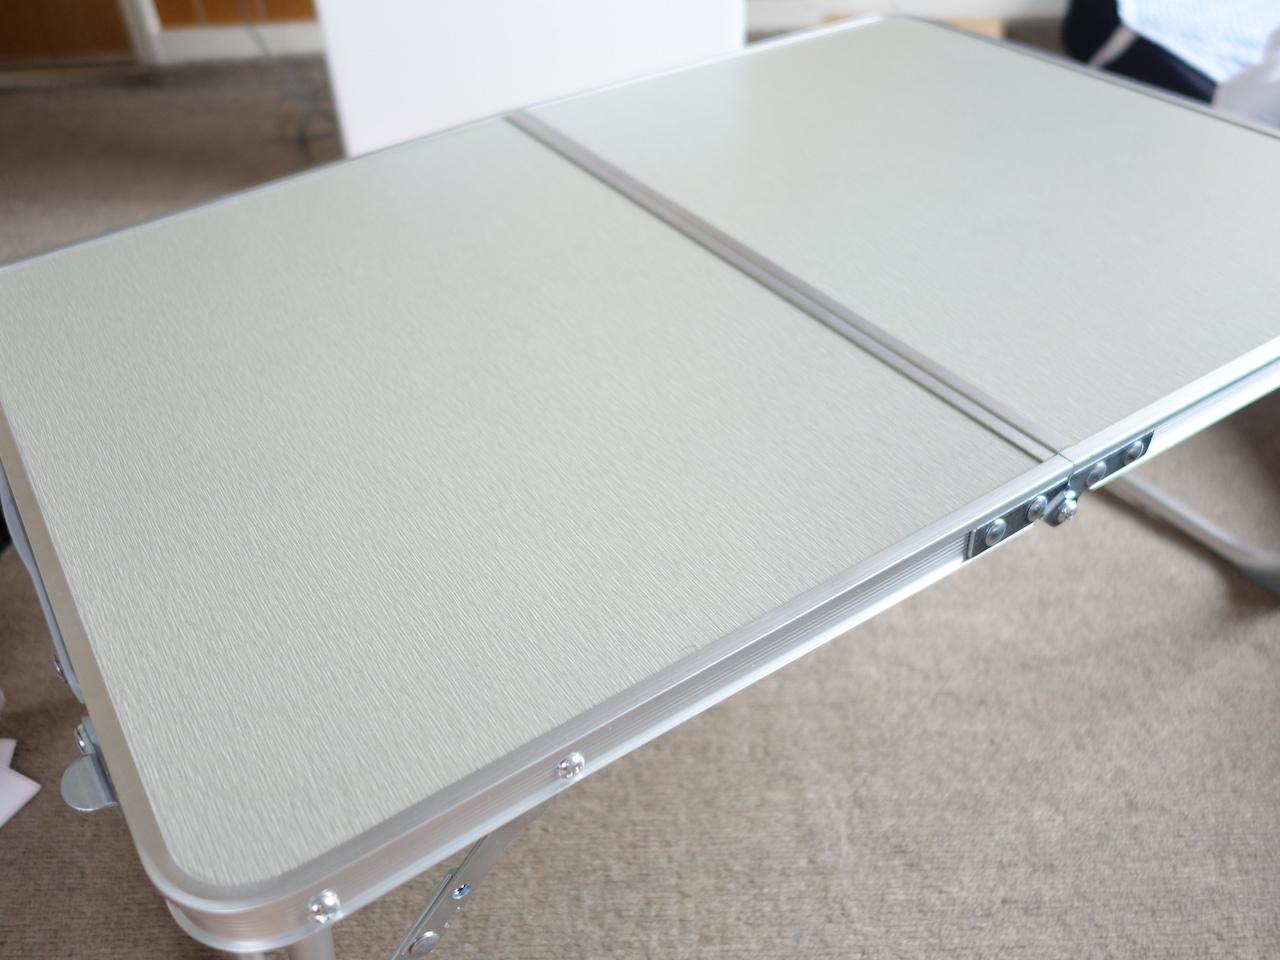 キャンプで使えそうな小さい折りたたみのアウトドアテーブルを買ってみた